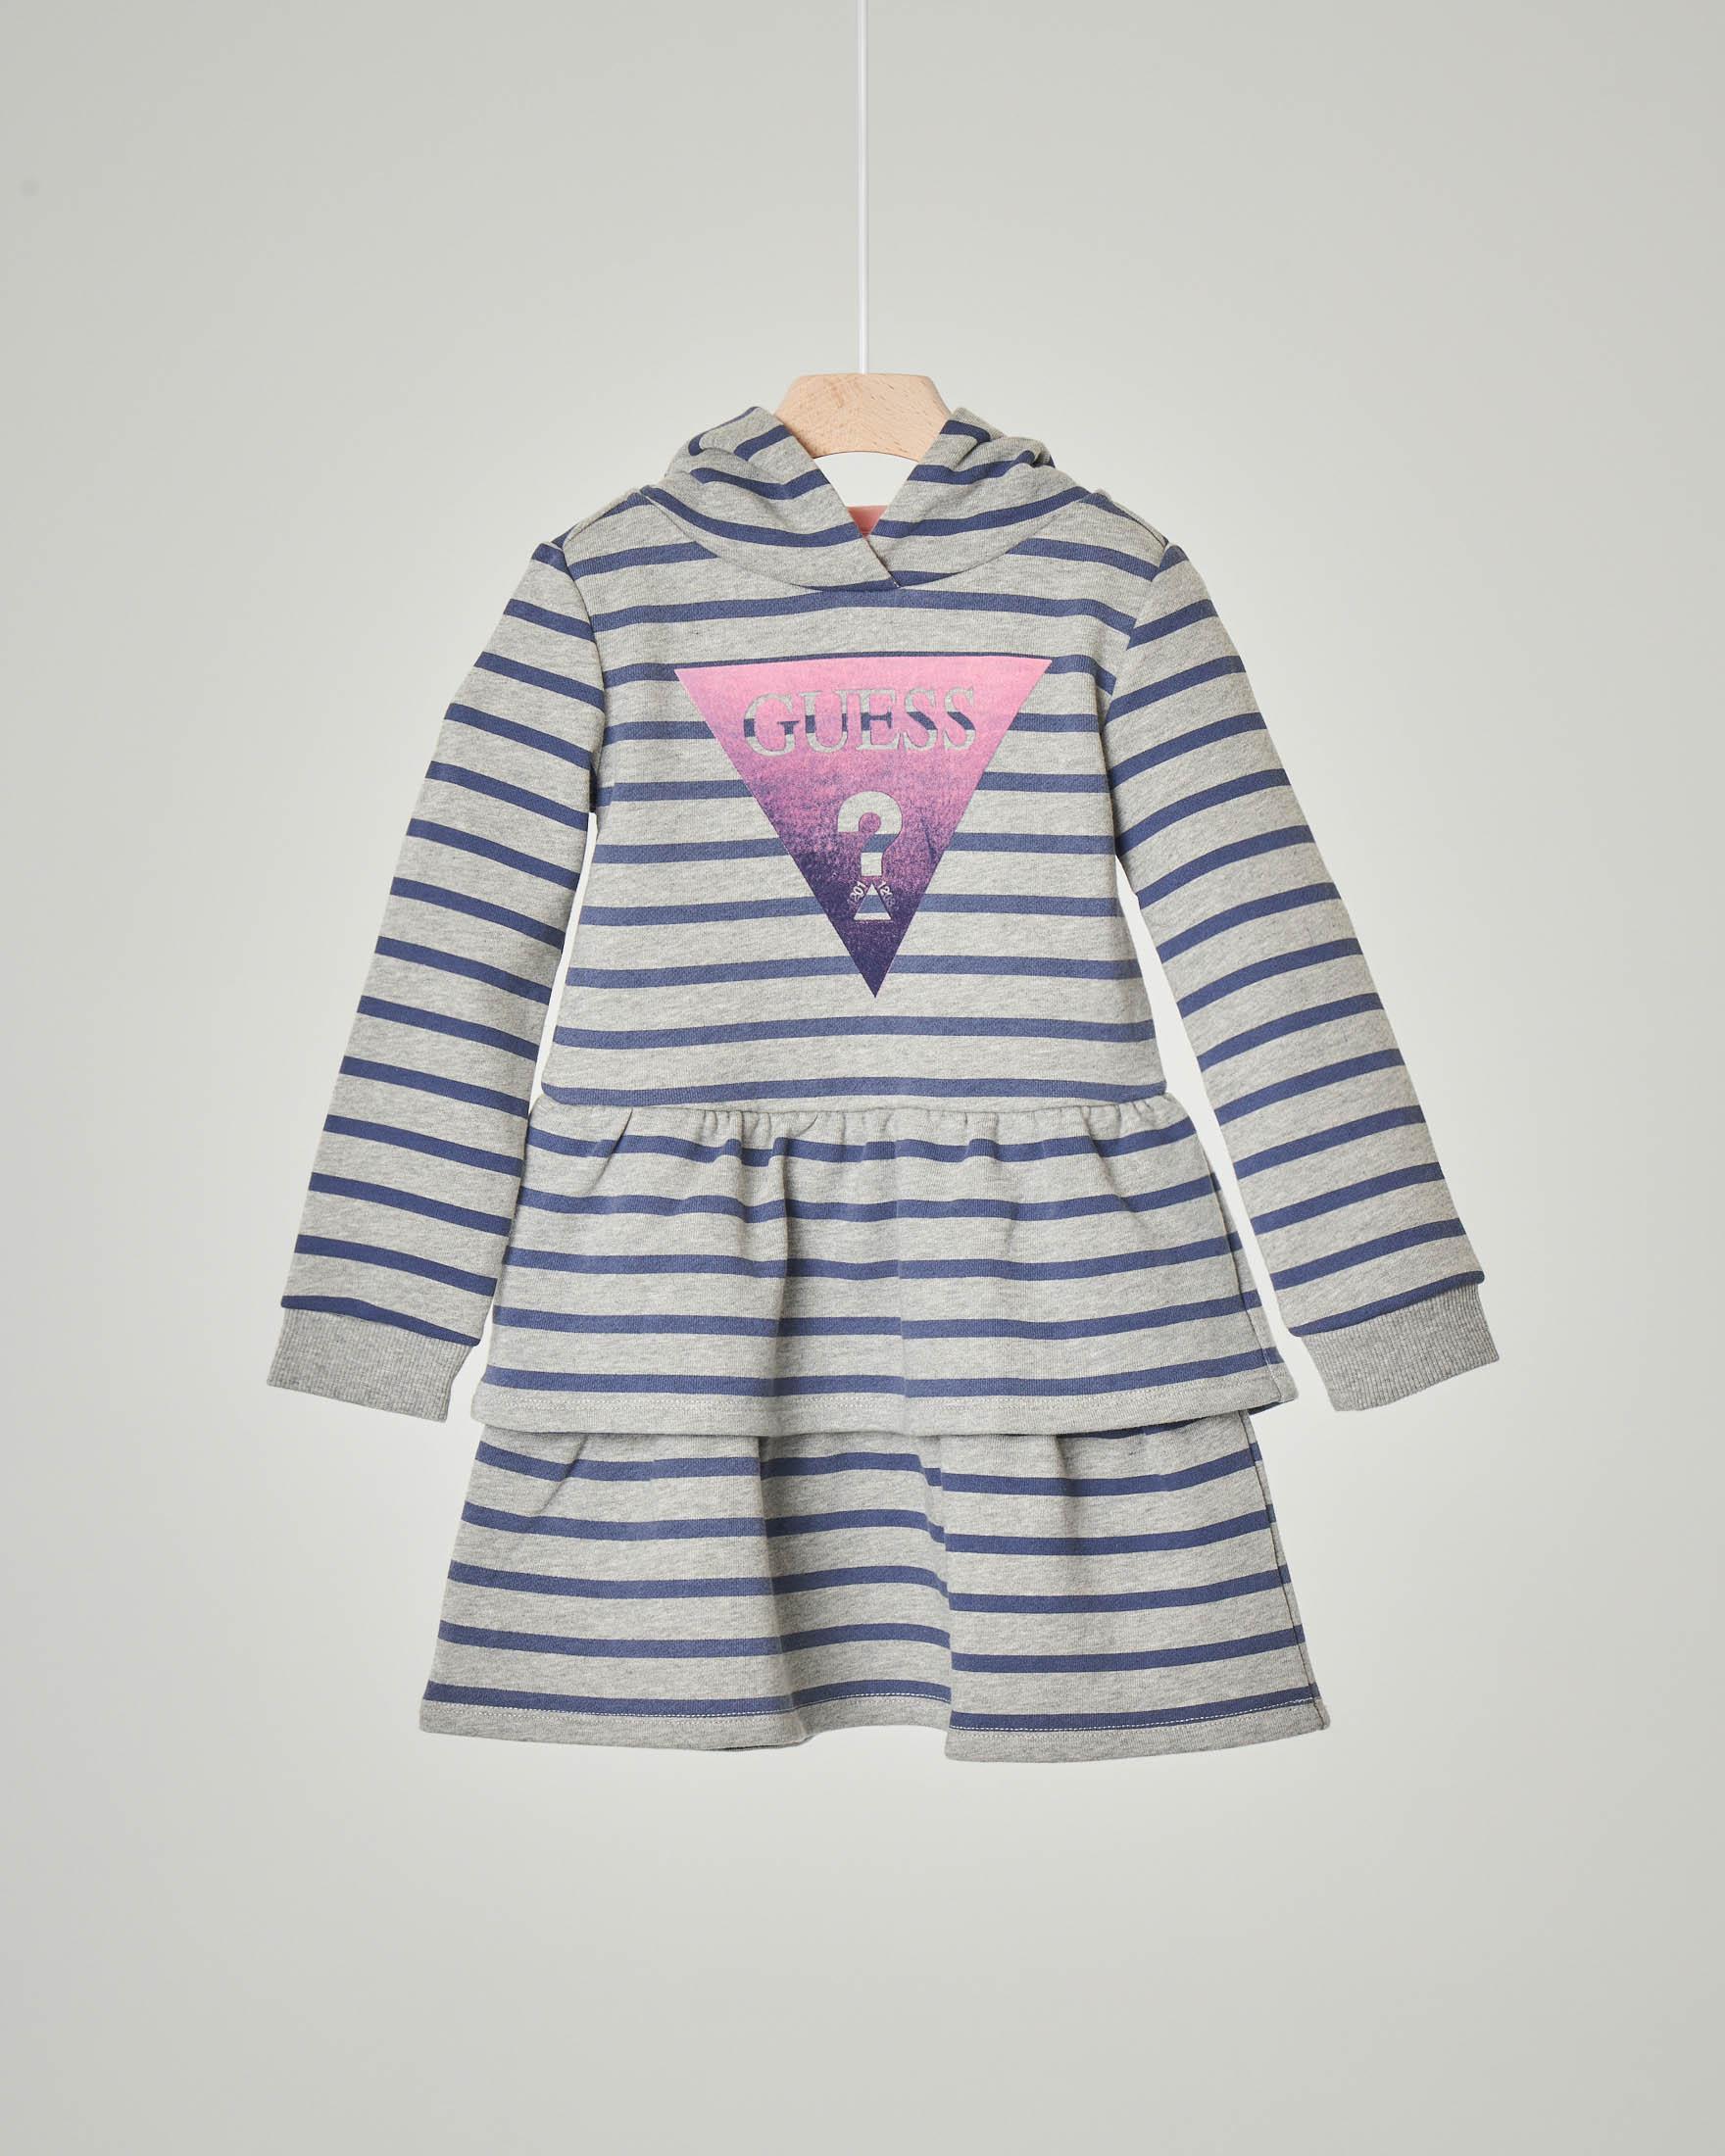 Abito grigio a righe blu in jersey con cappuccio e balza in vita 3-7 anni